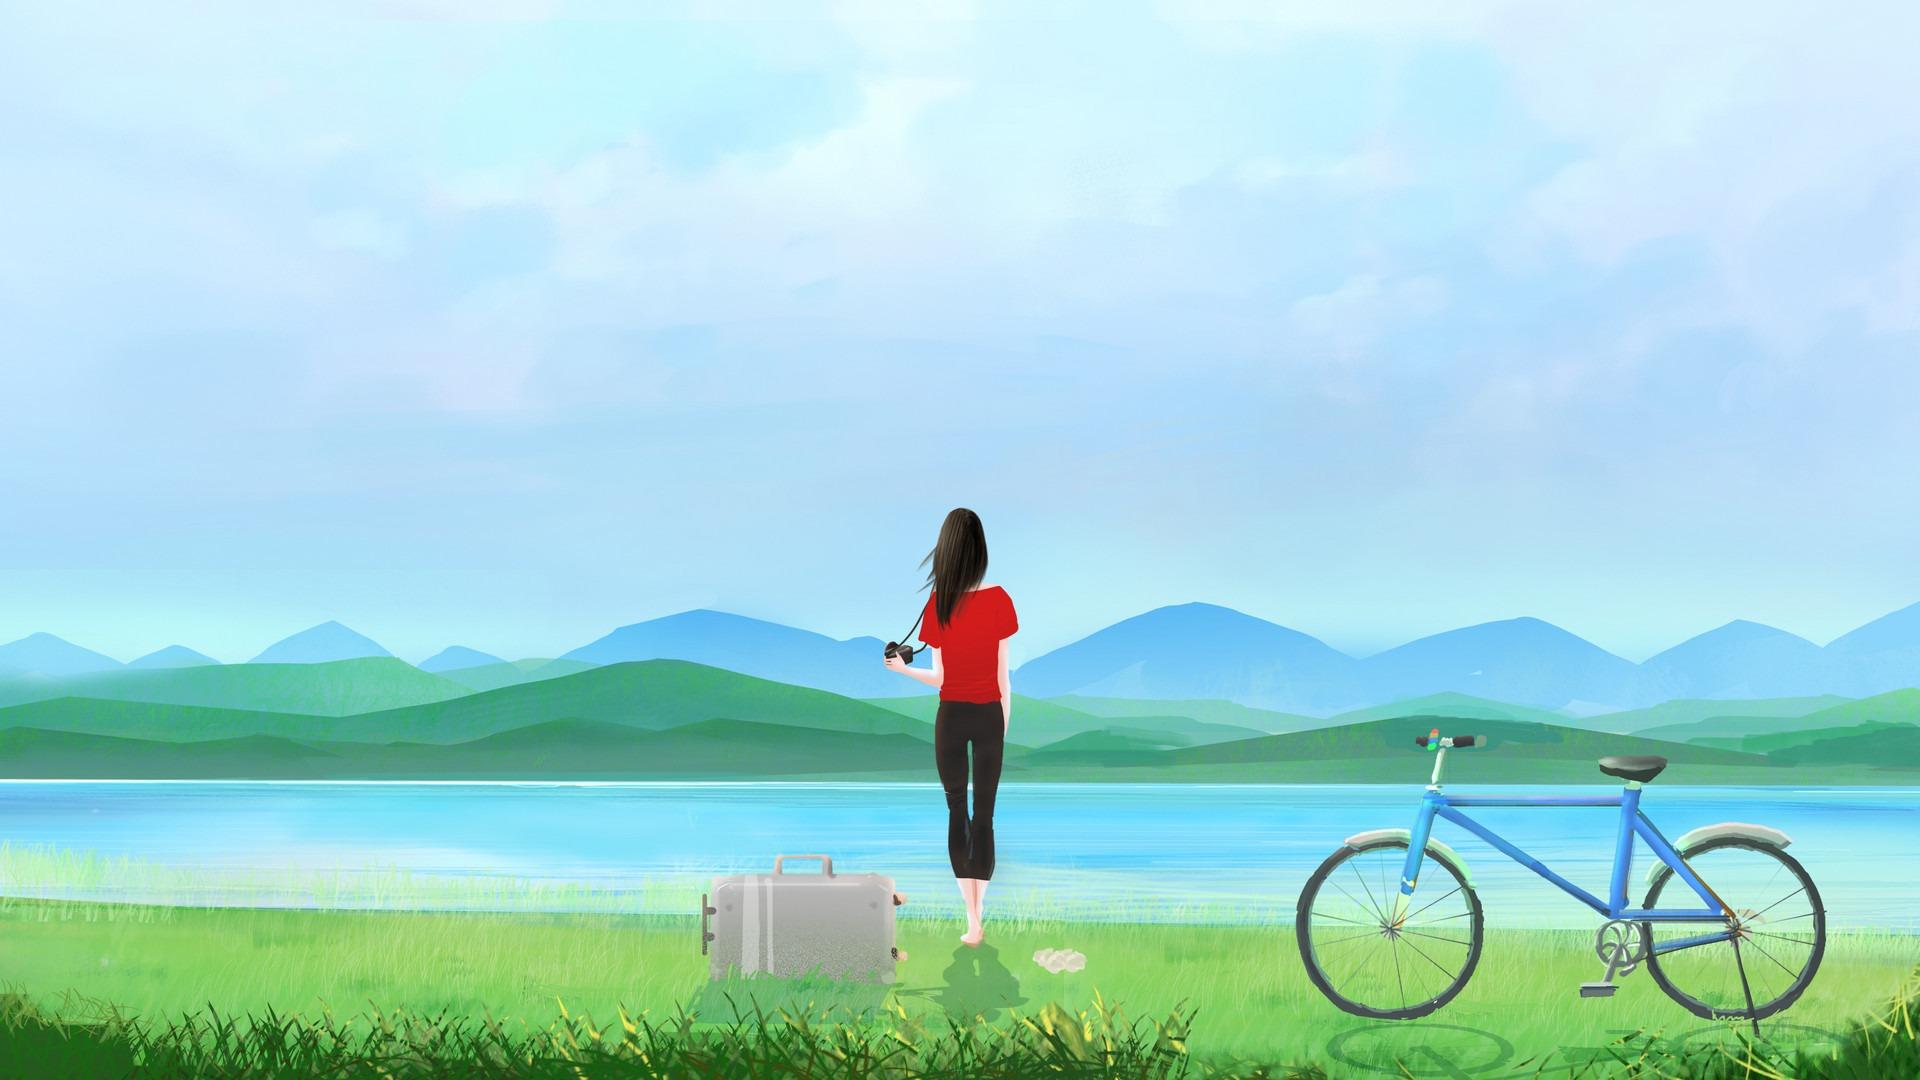 愿你早日绝望,然后开始新的生活